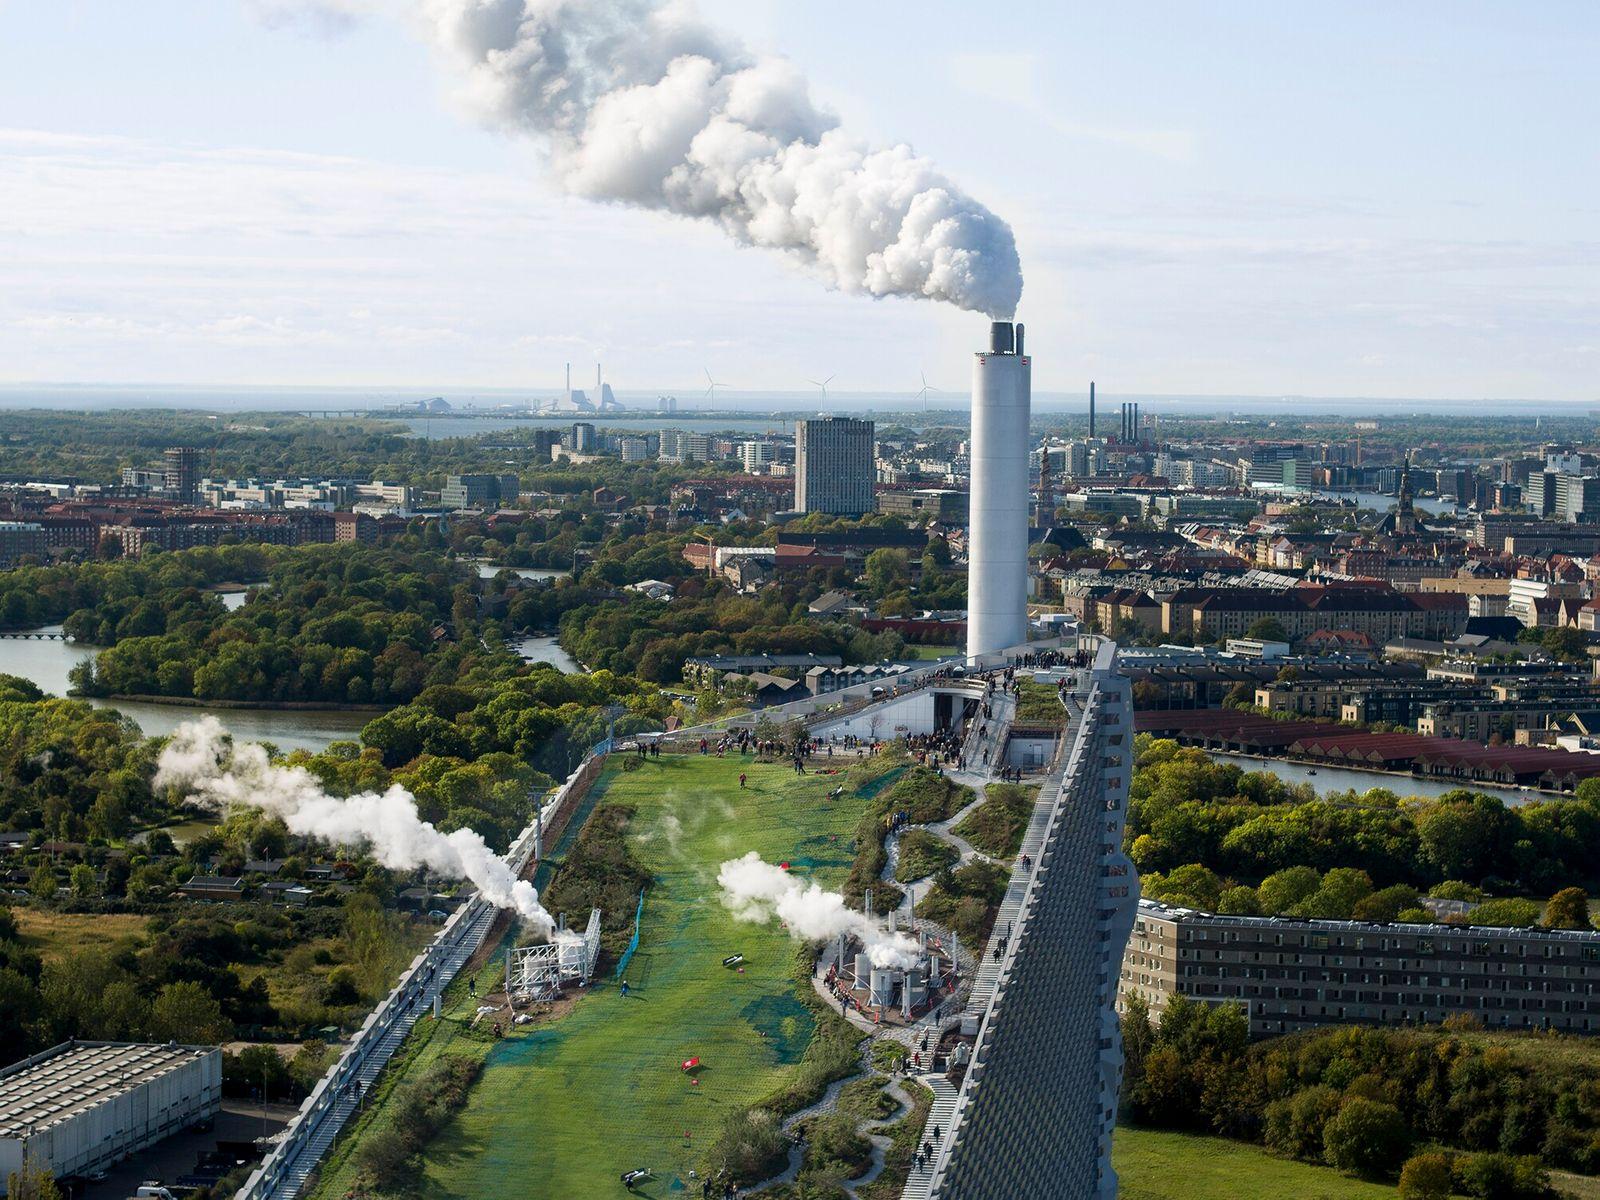 Copenhague, Dinamarca | CopenHill, considerada uma das usinas de transformação de resíduos em energia mais limpas ...